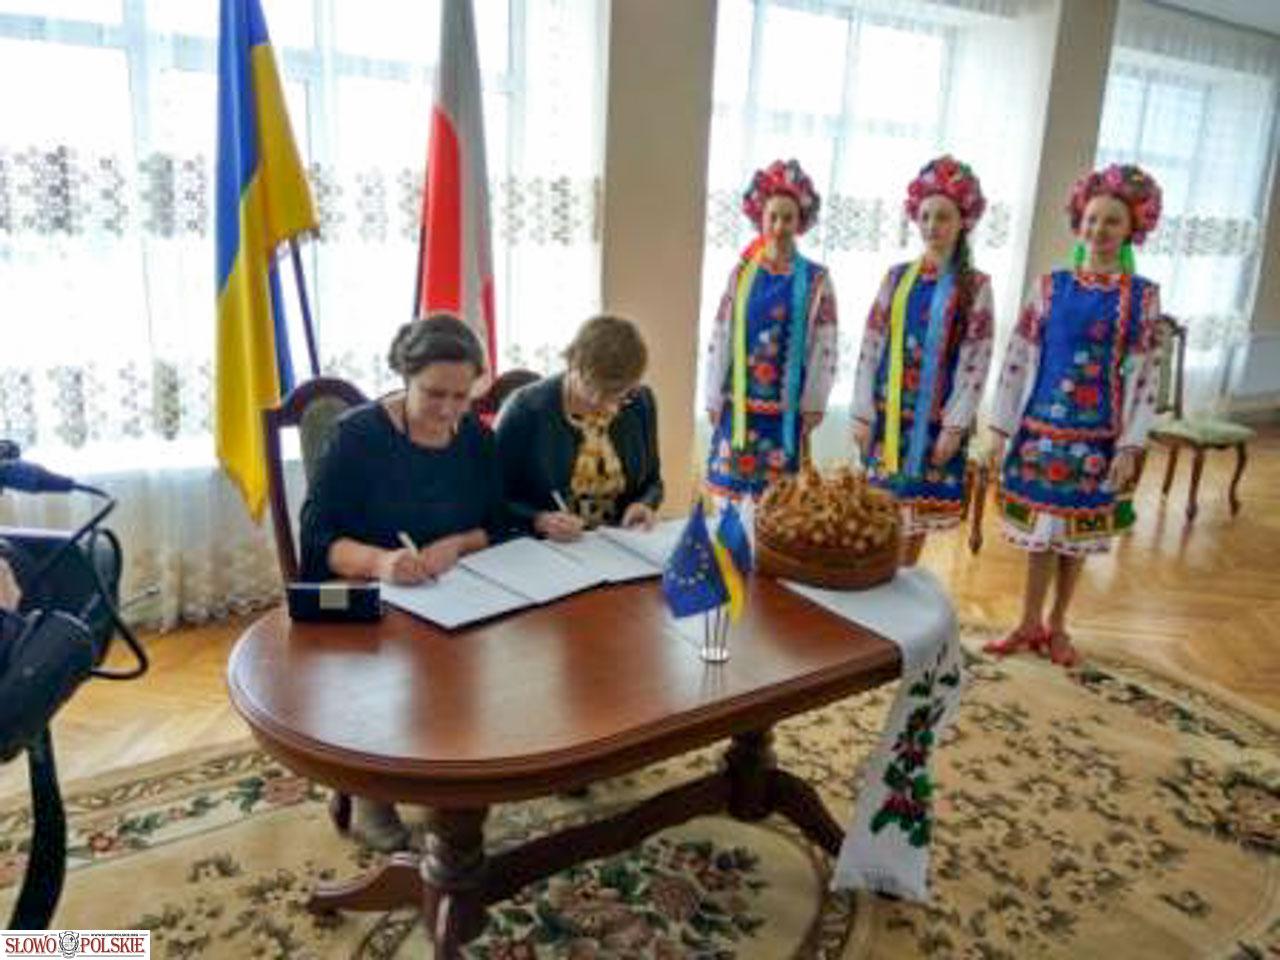 Podpisanie umowy partnerskiej. Źródło: ruporzt.com.ua